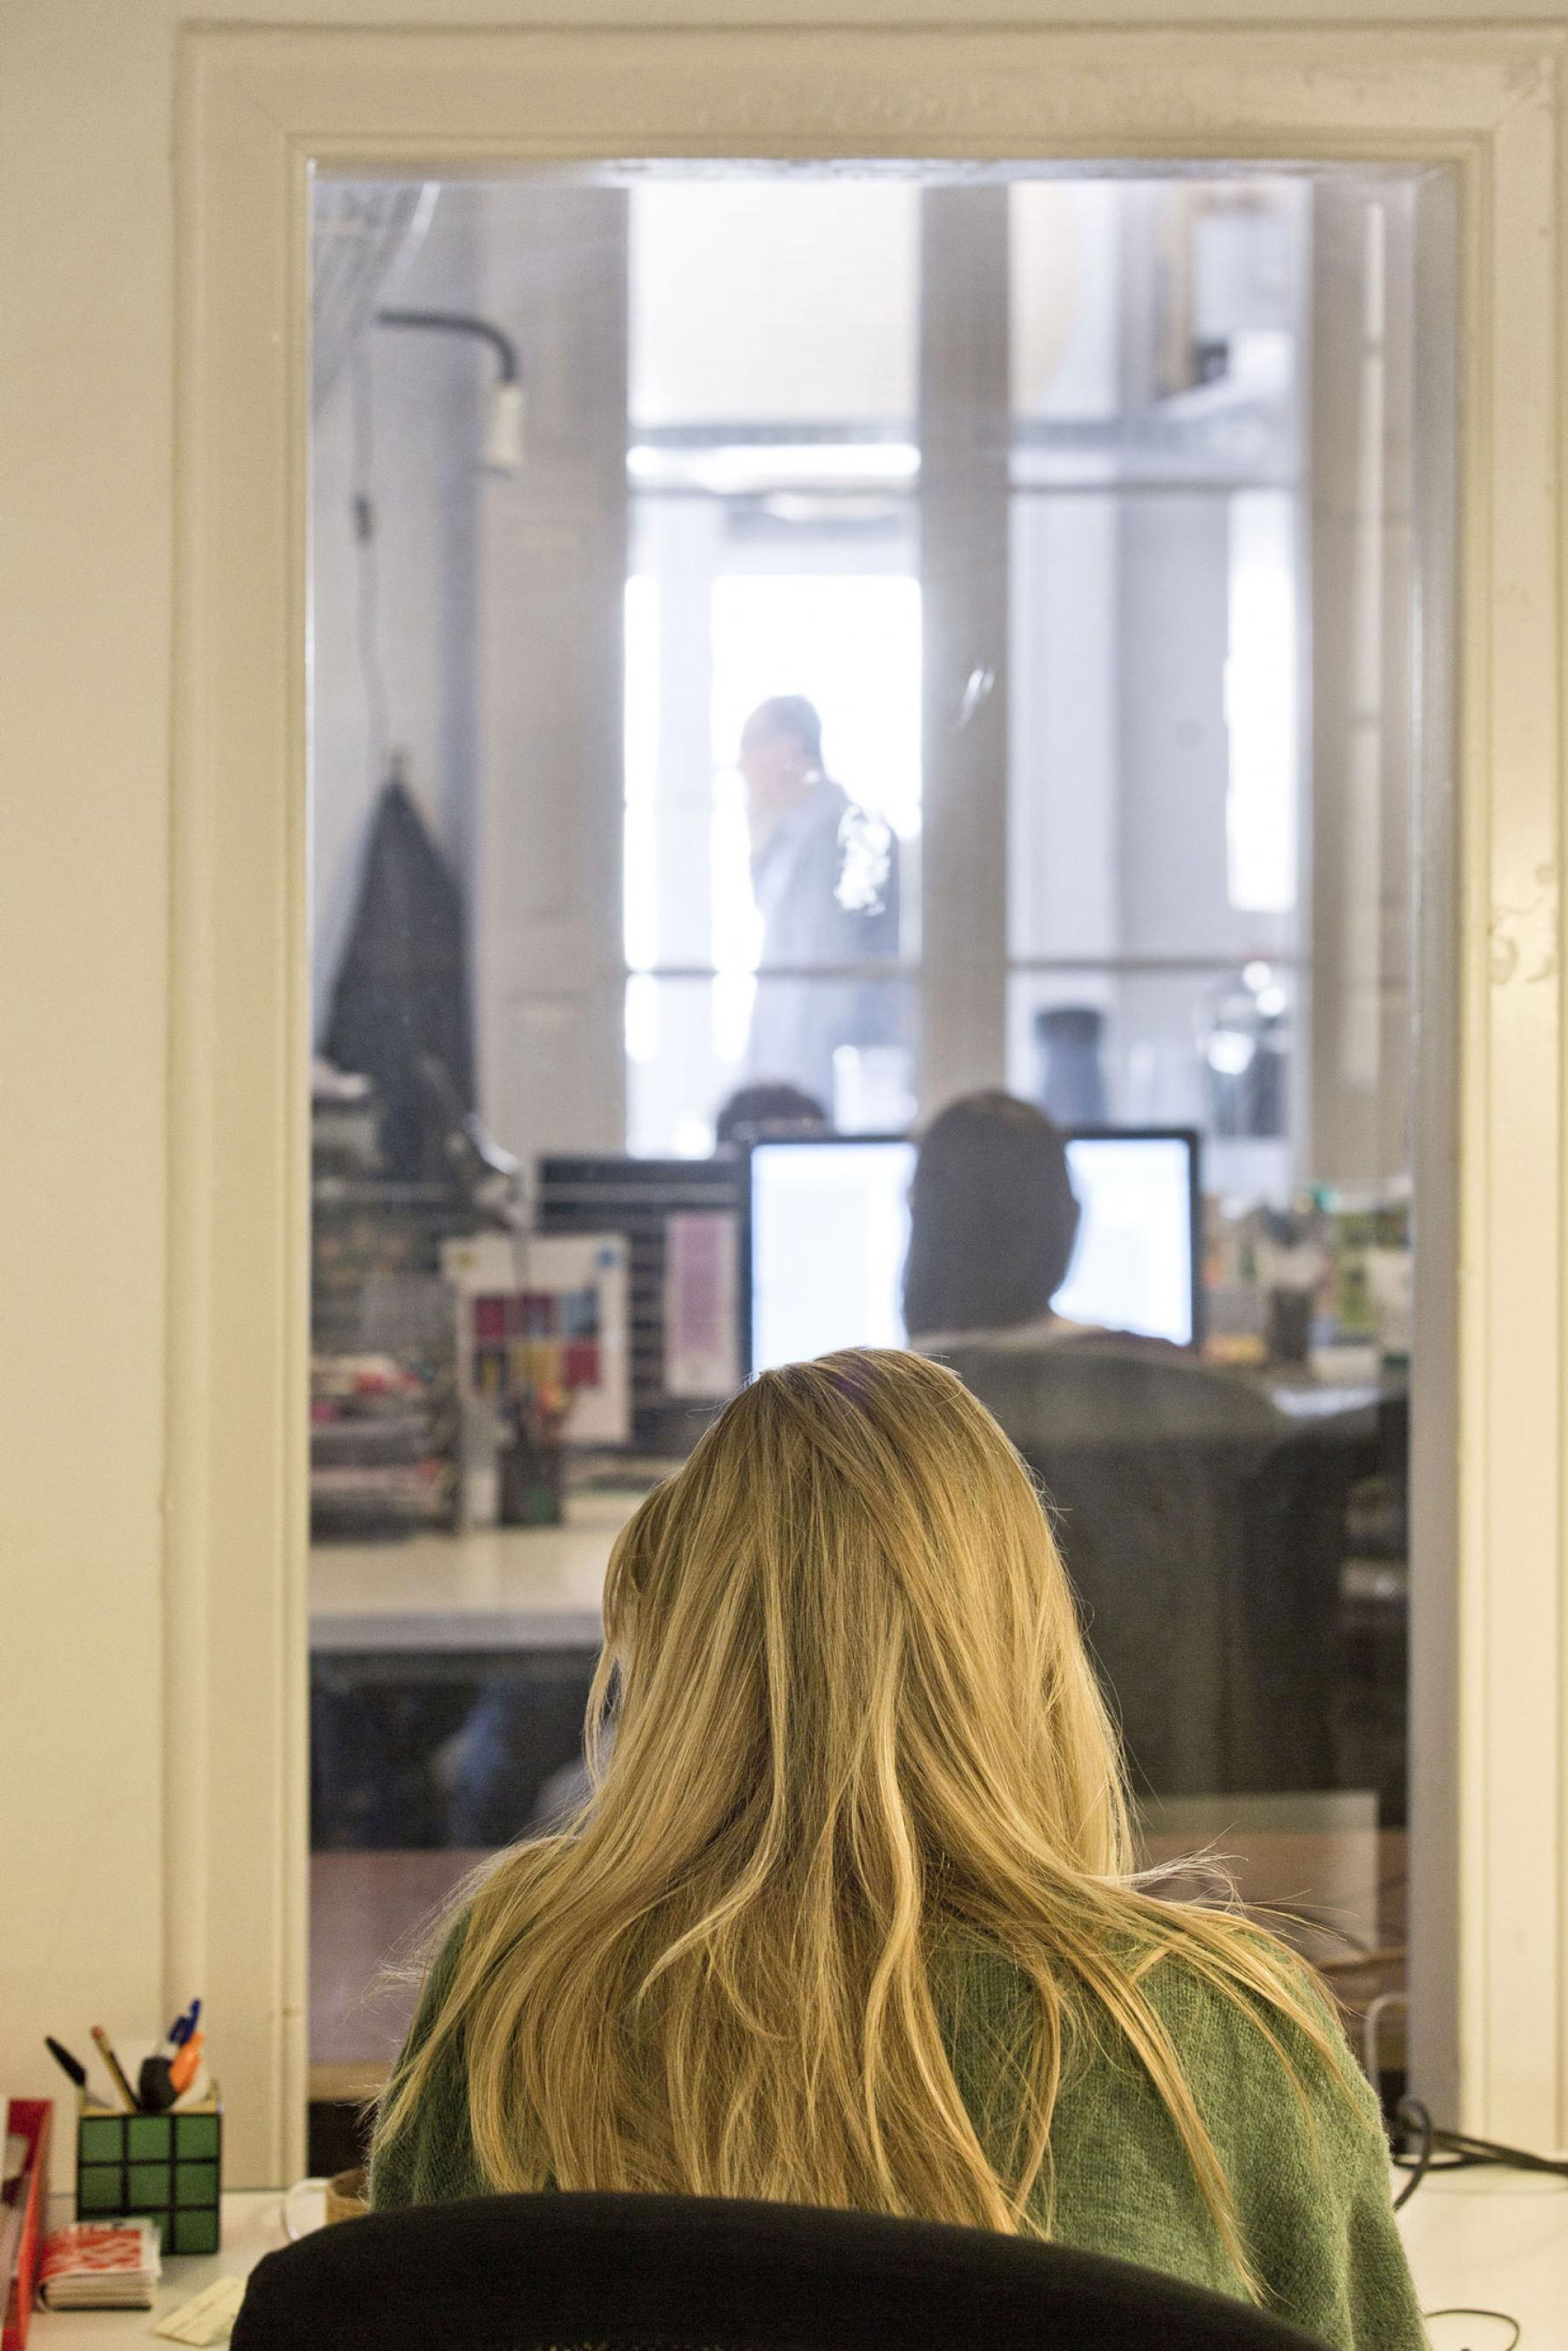 Ven a trabajar con nosotros en Coworking BCN575